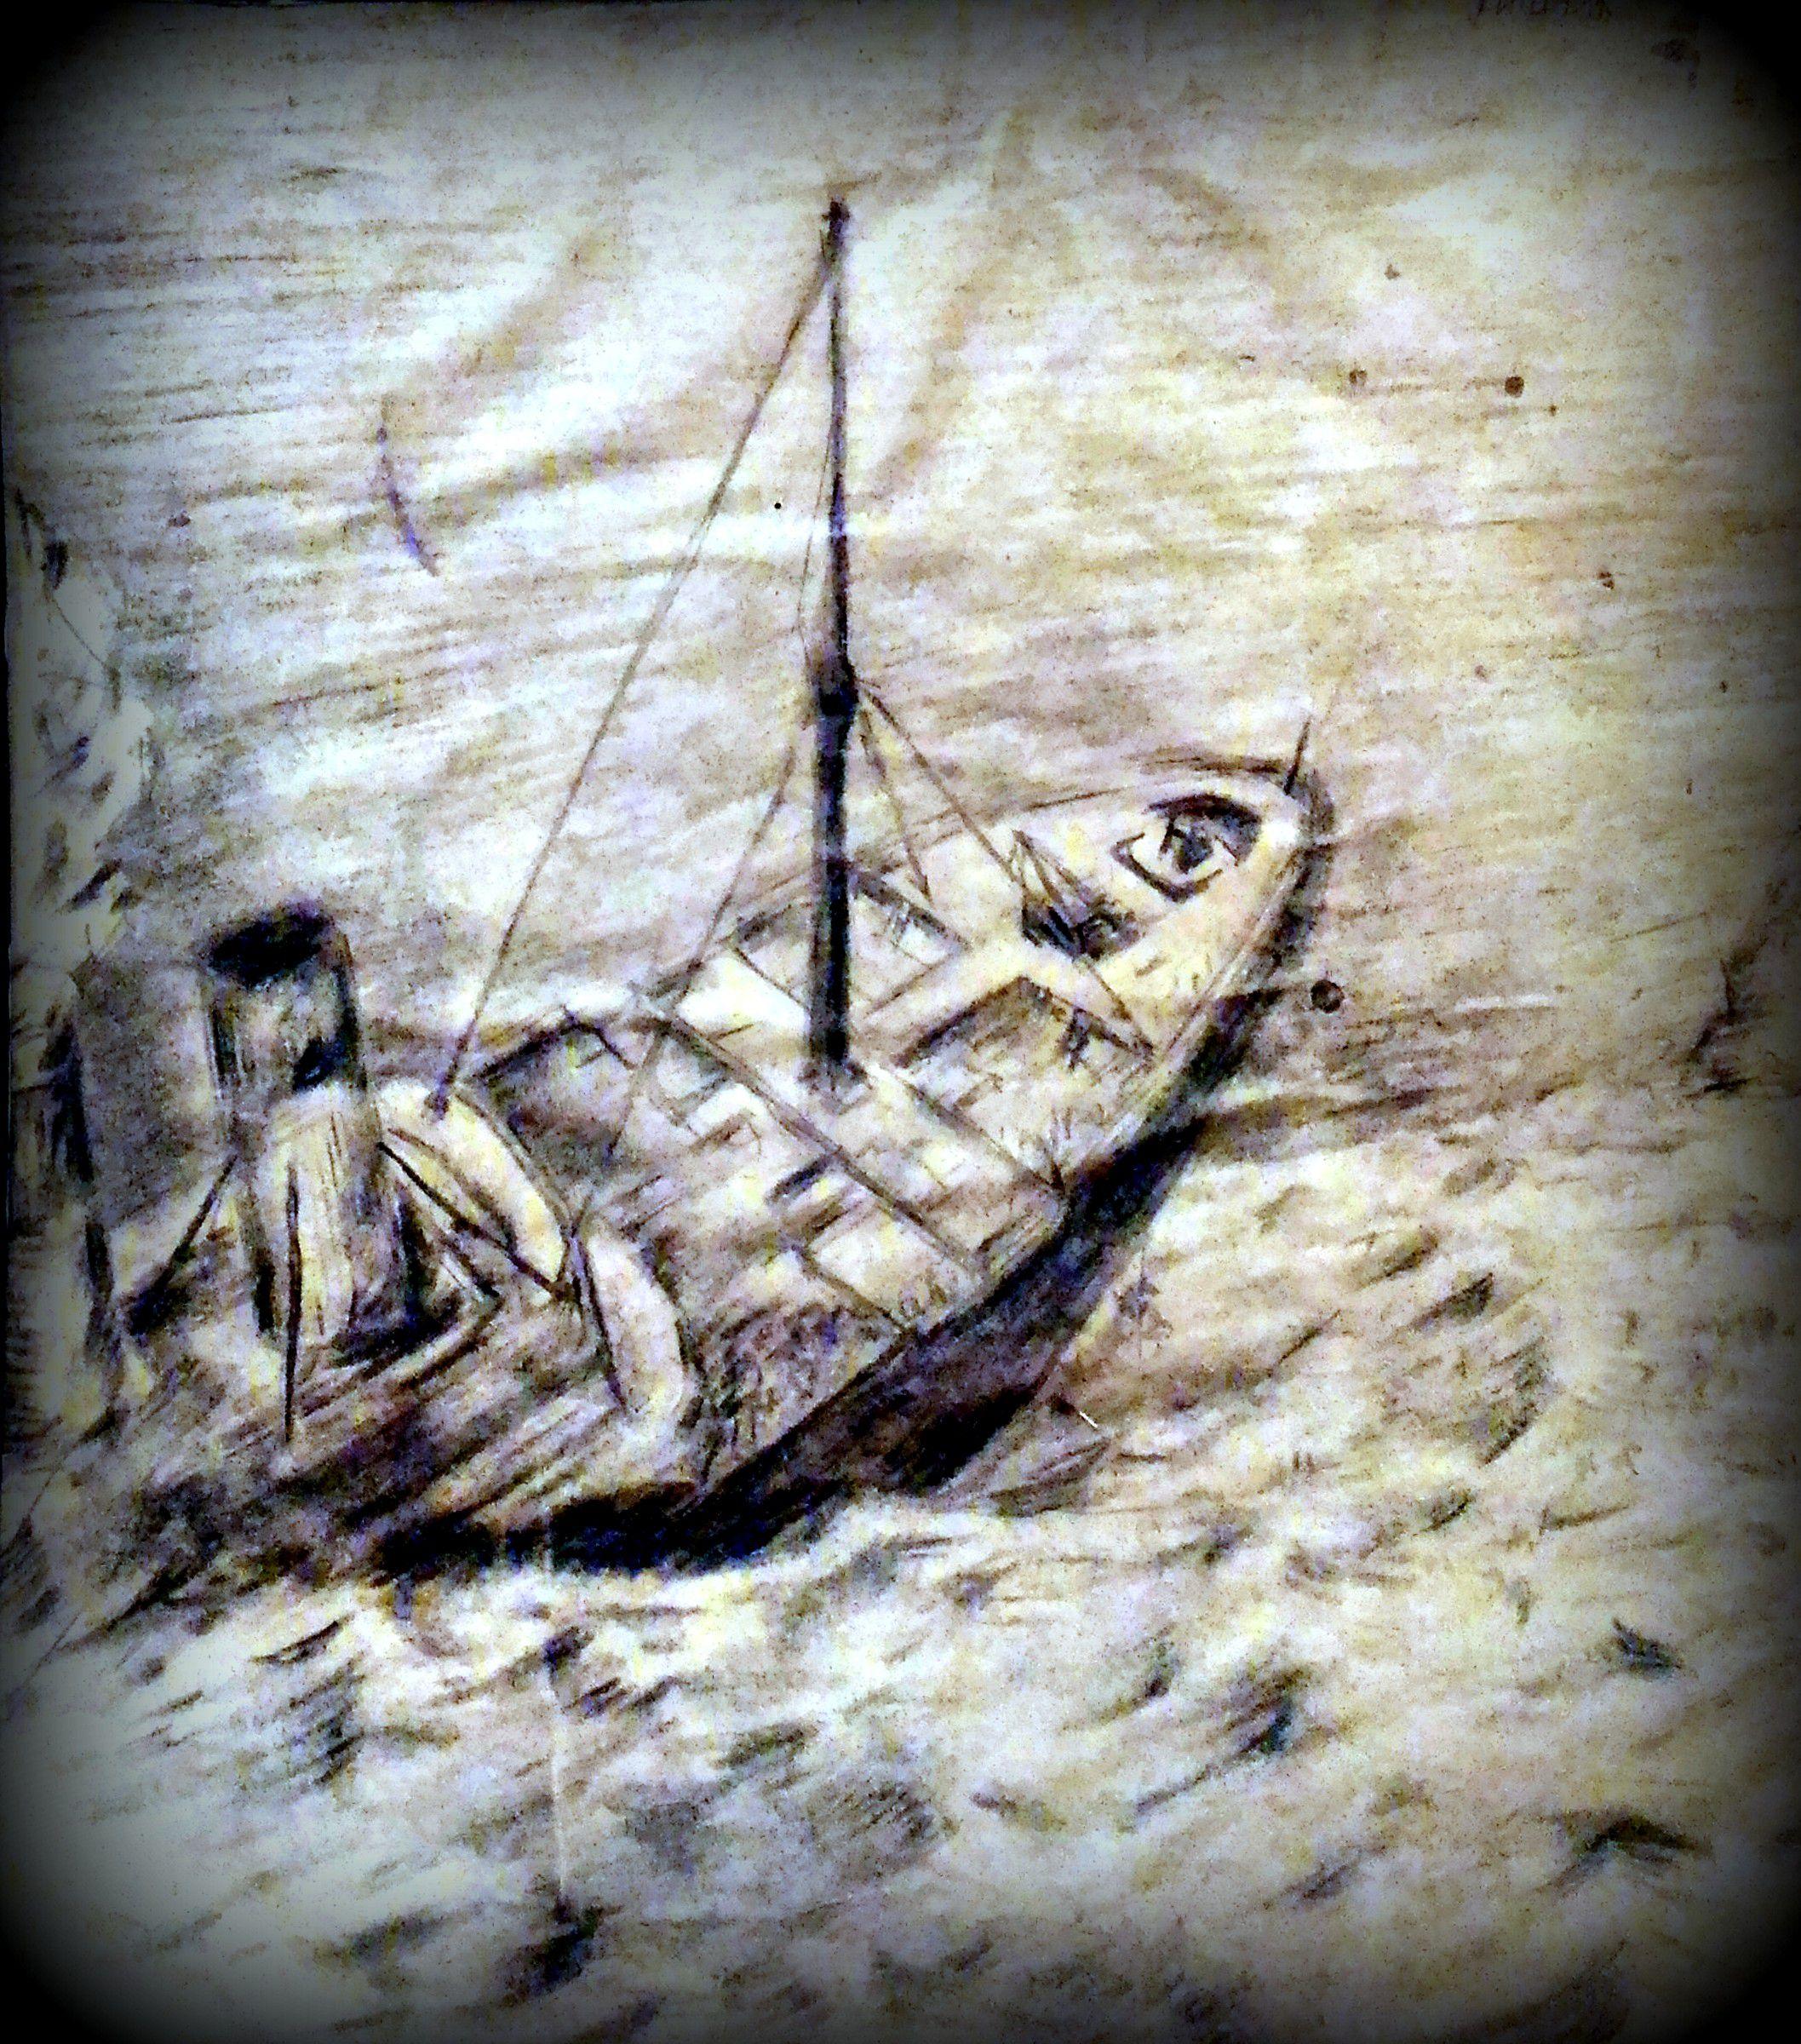 пейзаж морская море морской уголь мягкий рисунок морина караблекрушение шторм карандашем пучина материал